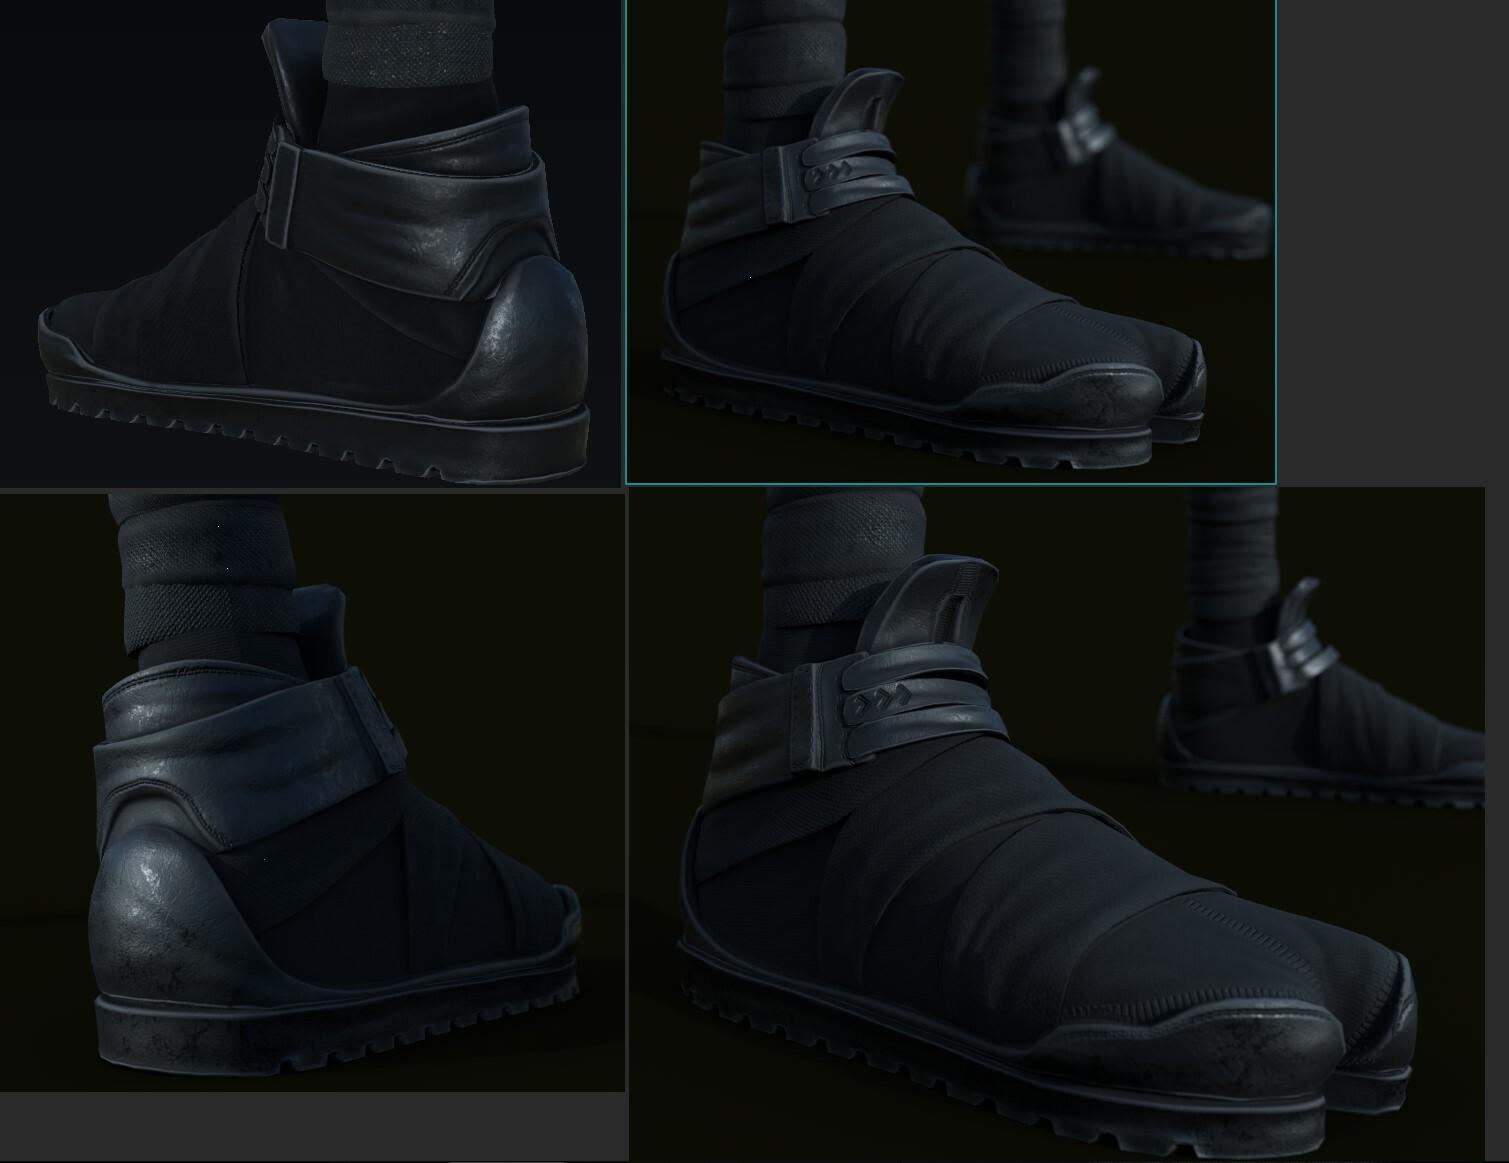 Marcelo souza keinon 01 04 shoes update stiches